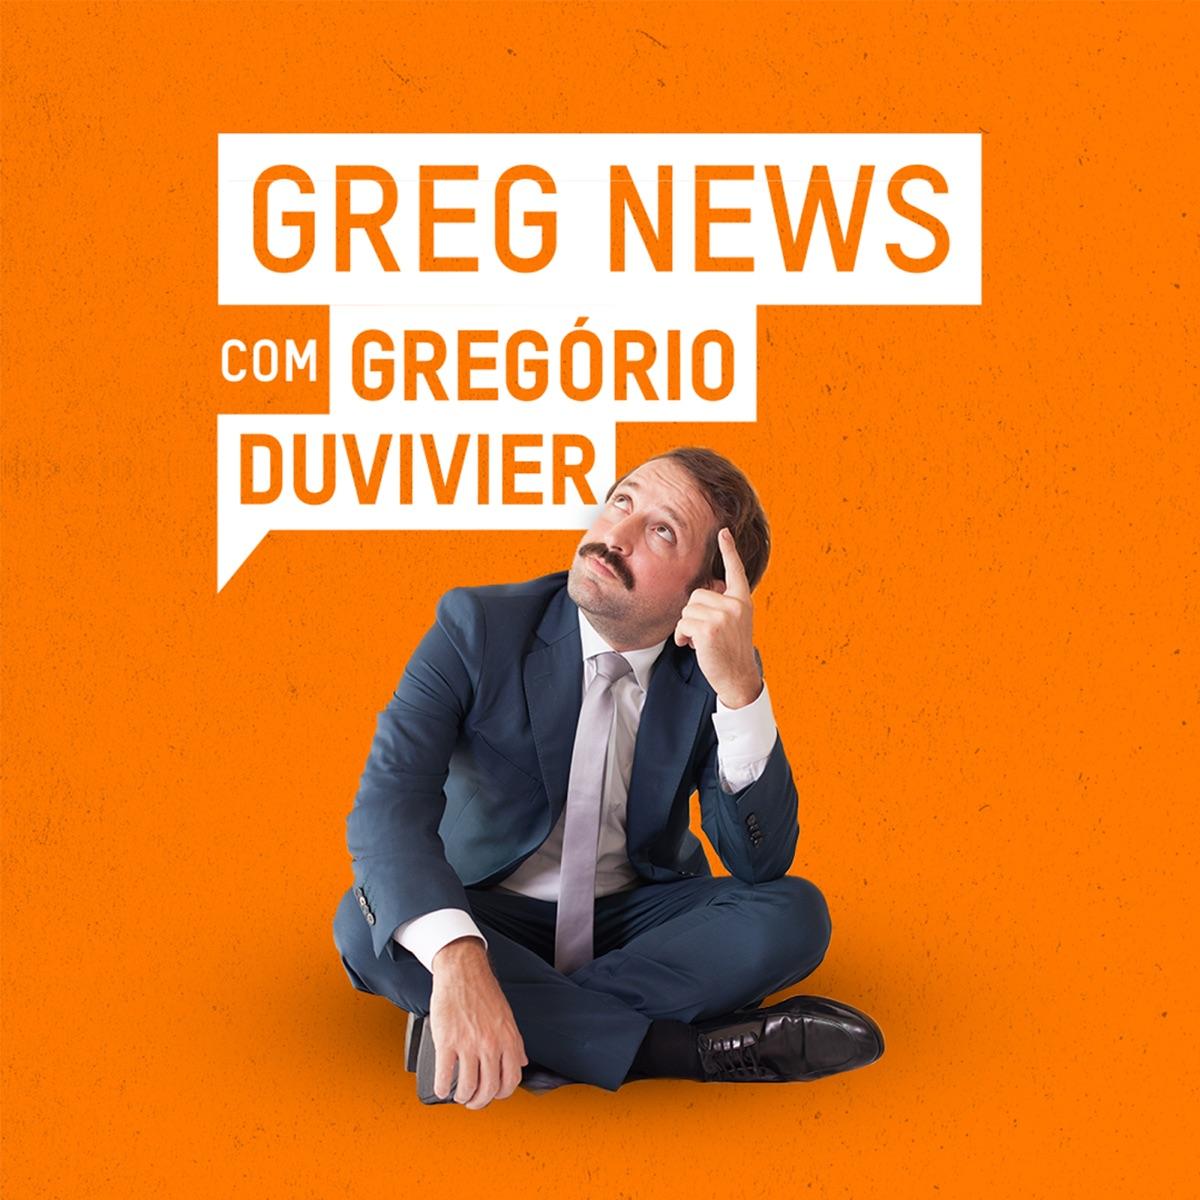 Greg News Com Gregorio Duvivier